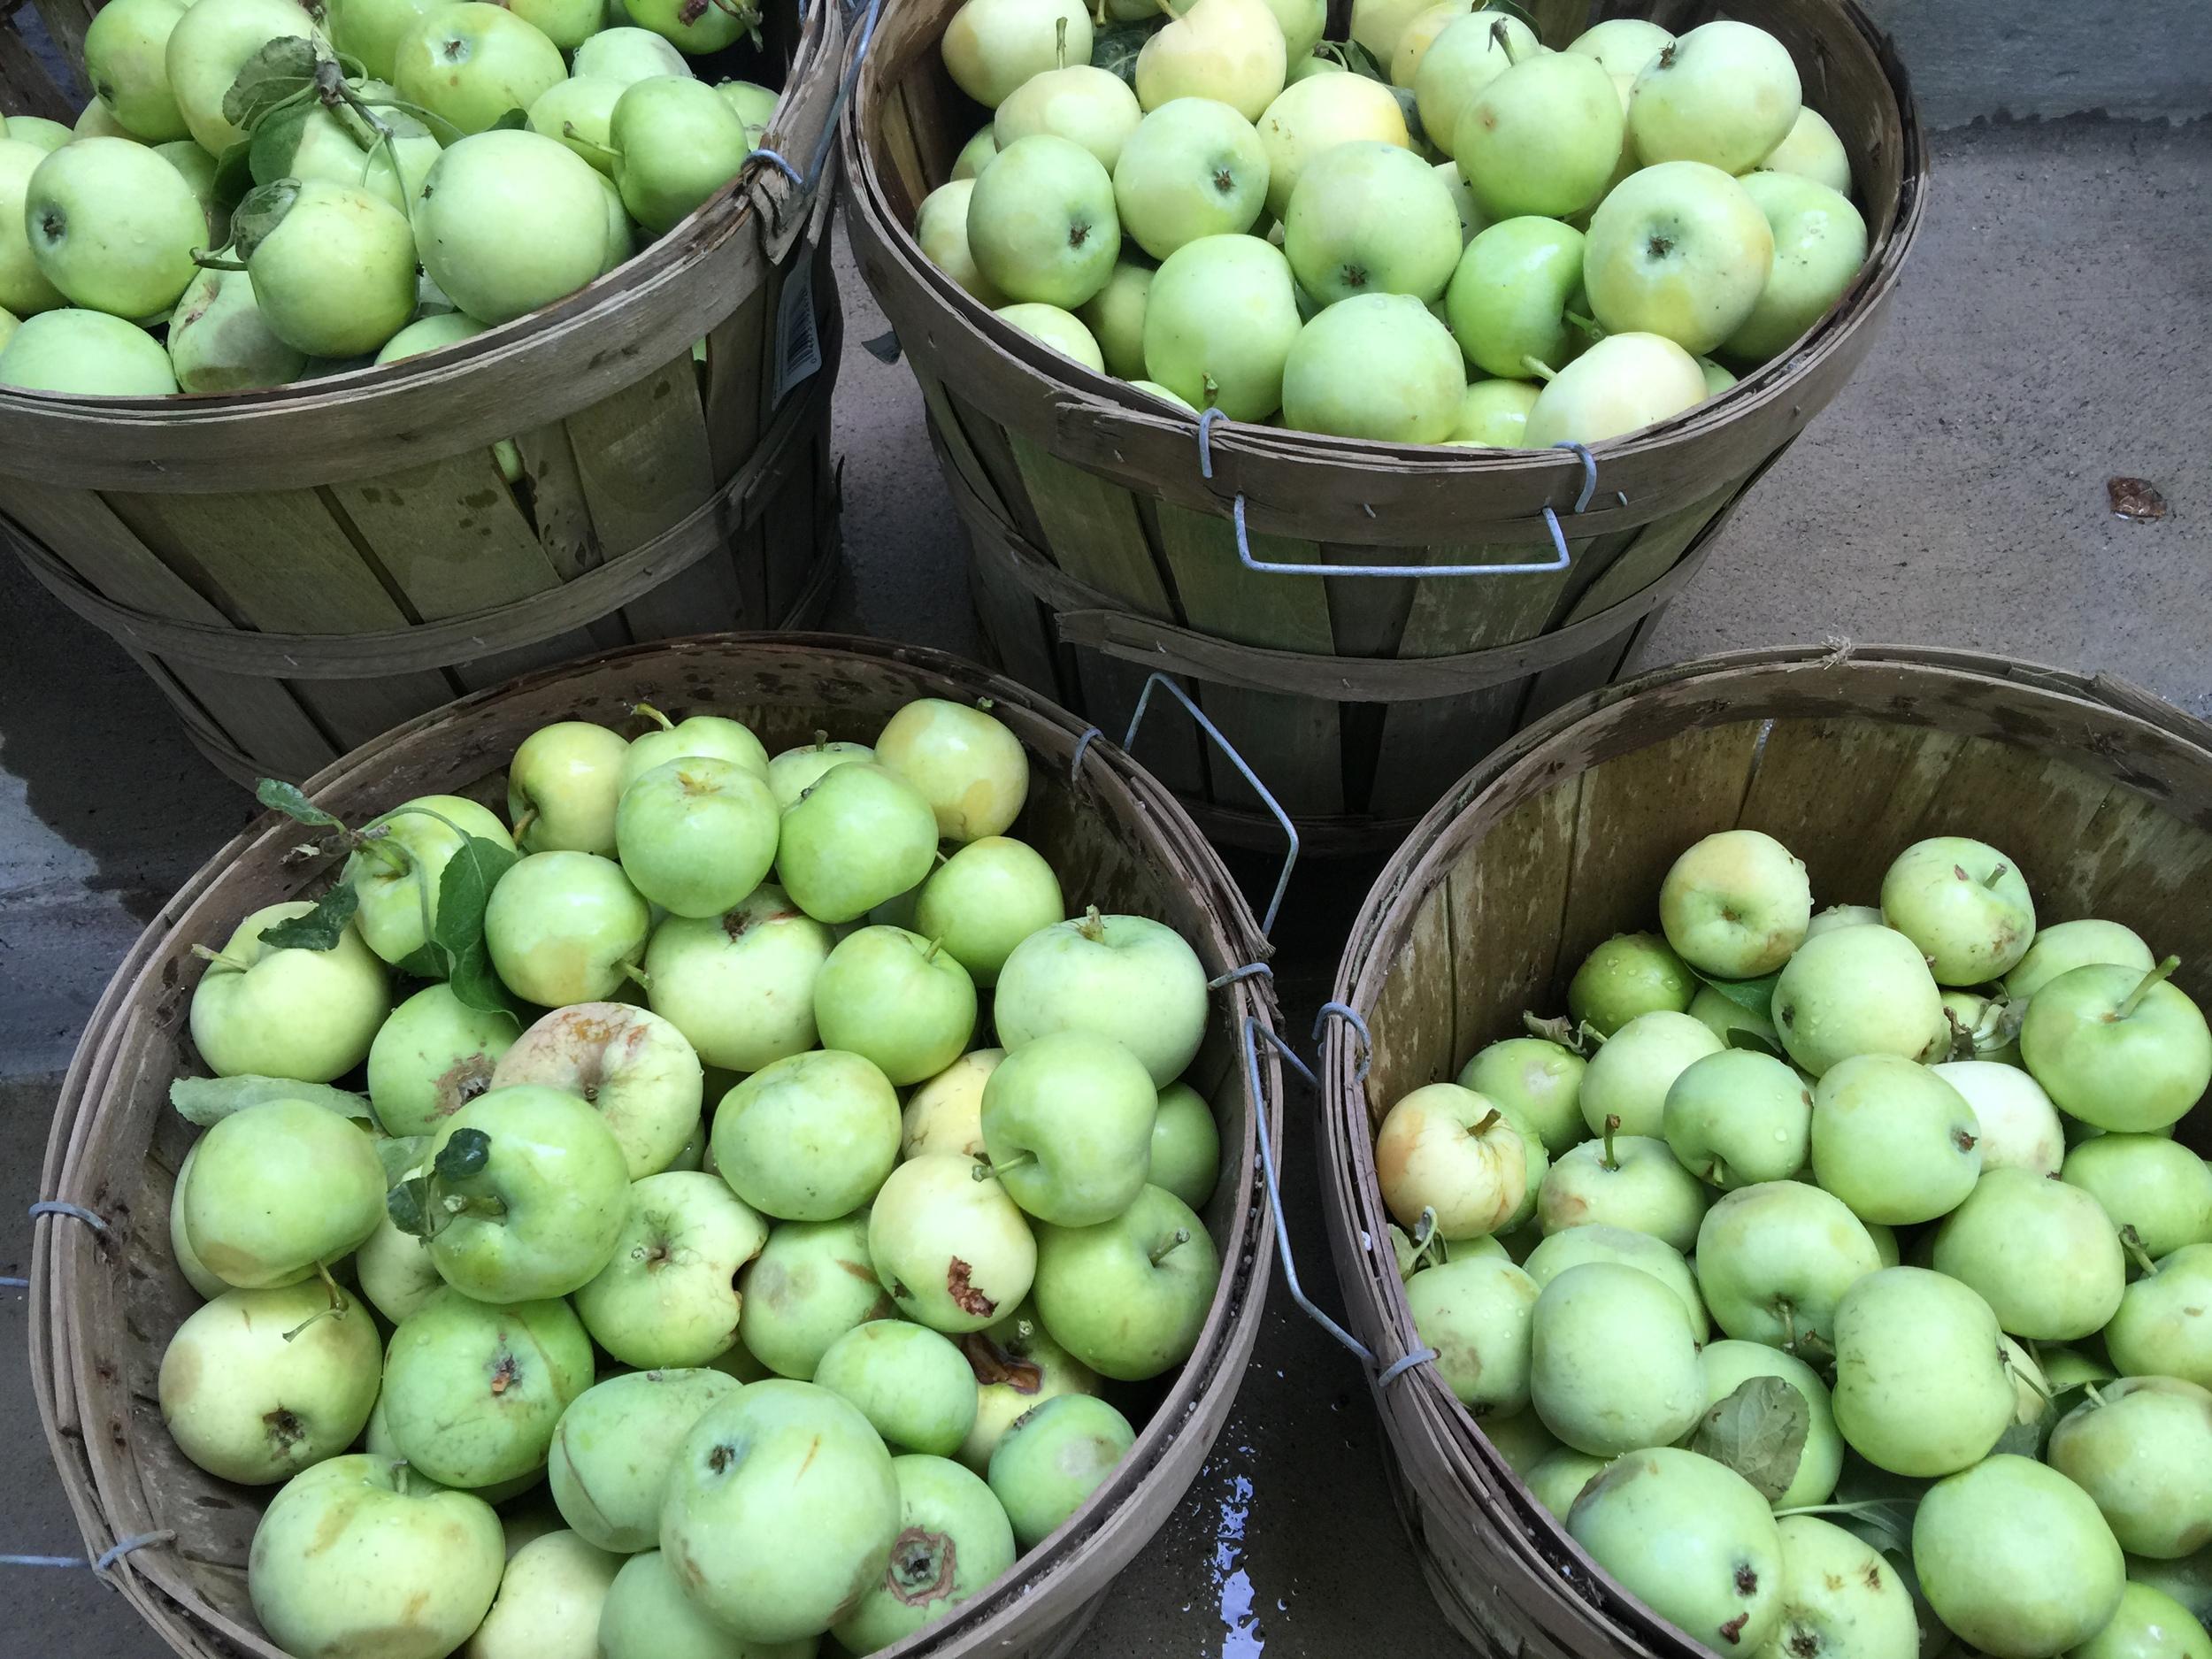 Freshly picked apples!